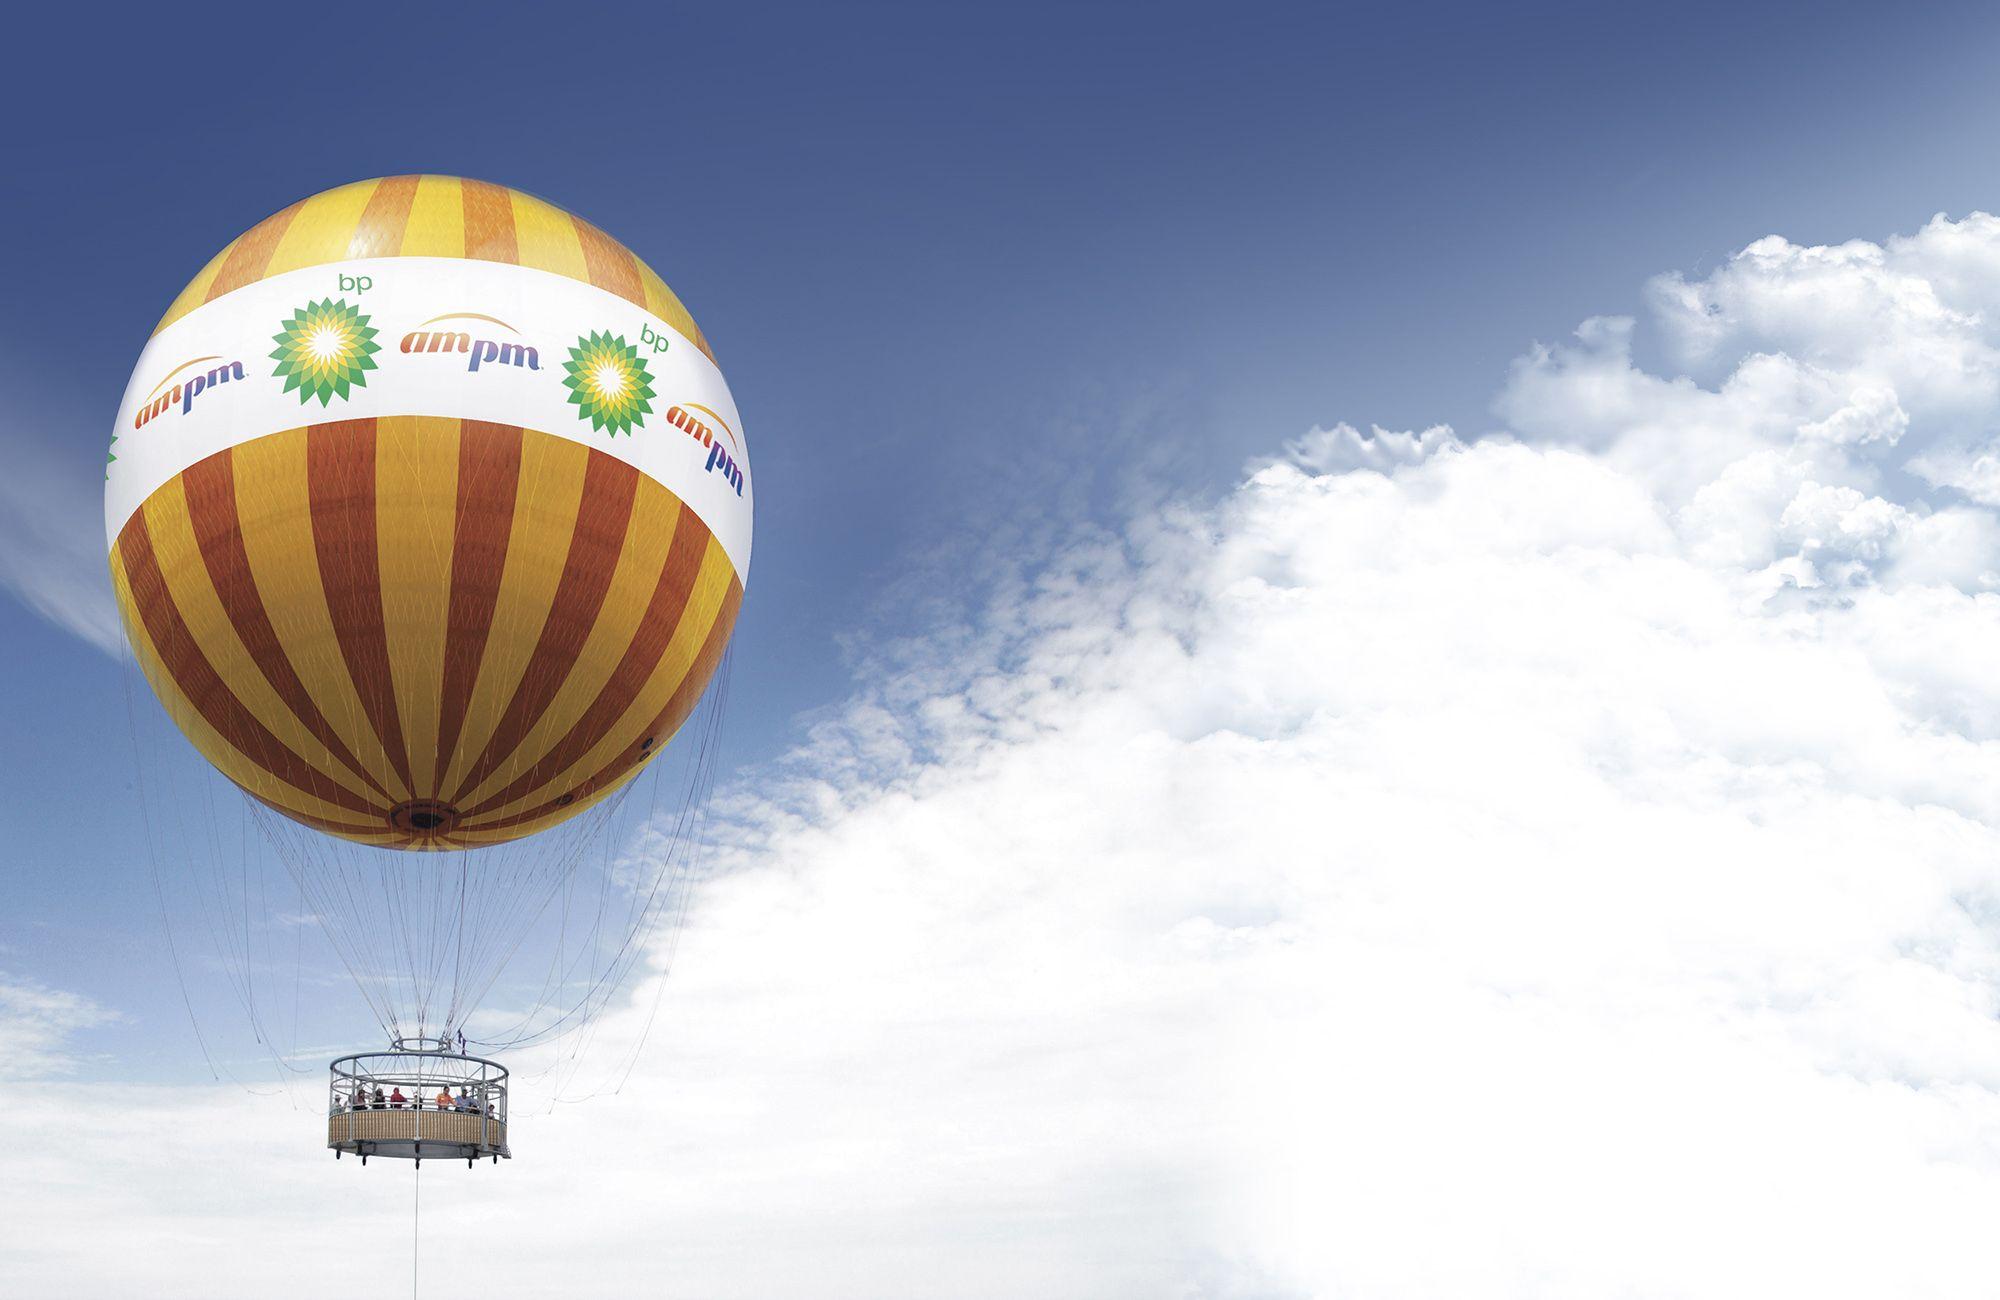 Balloon Conner Prarie PGAV Destinations